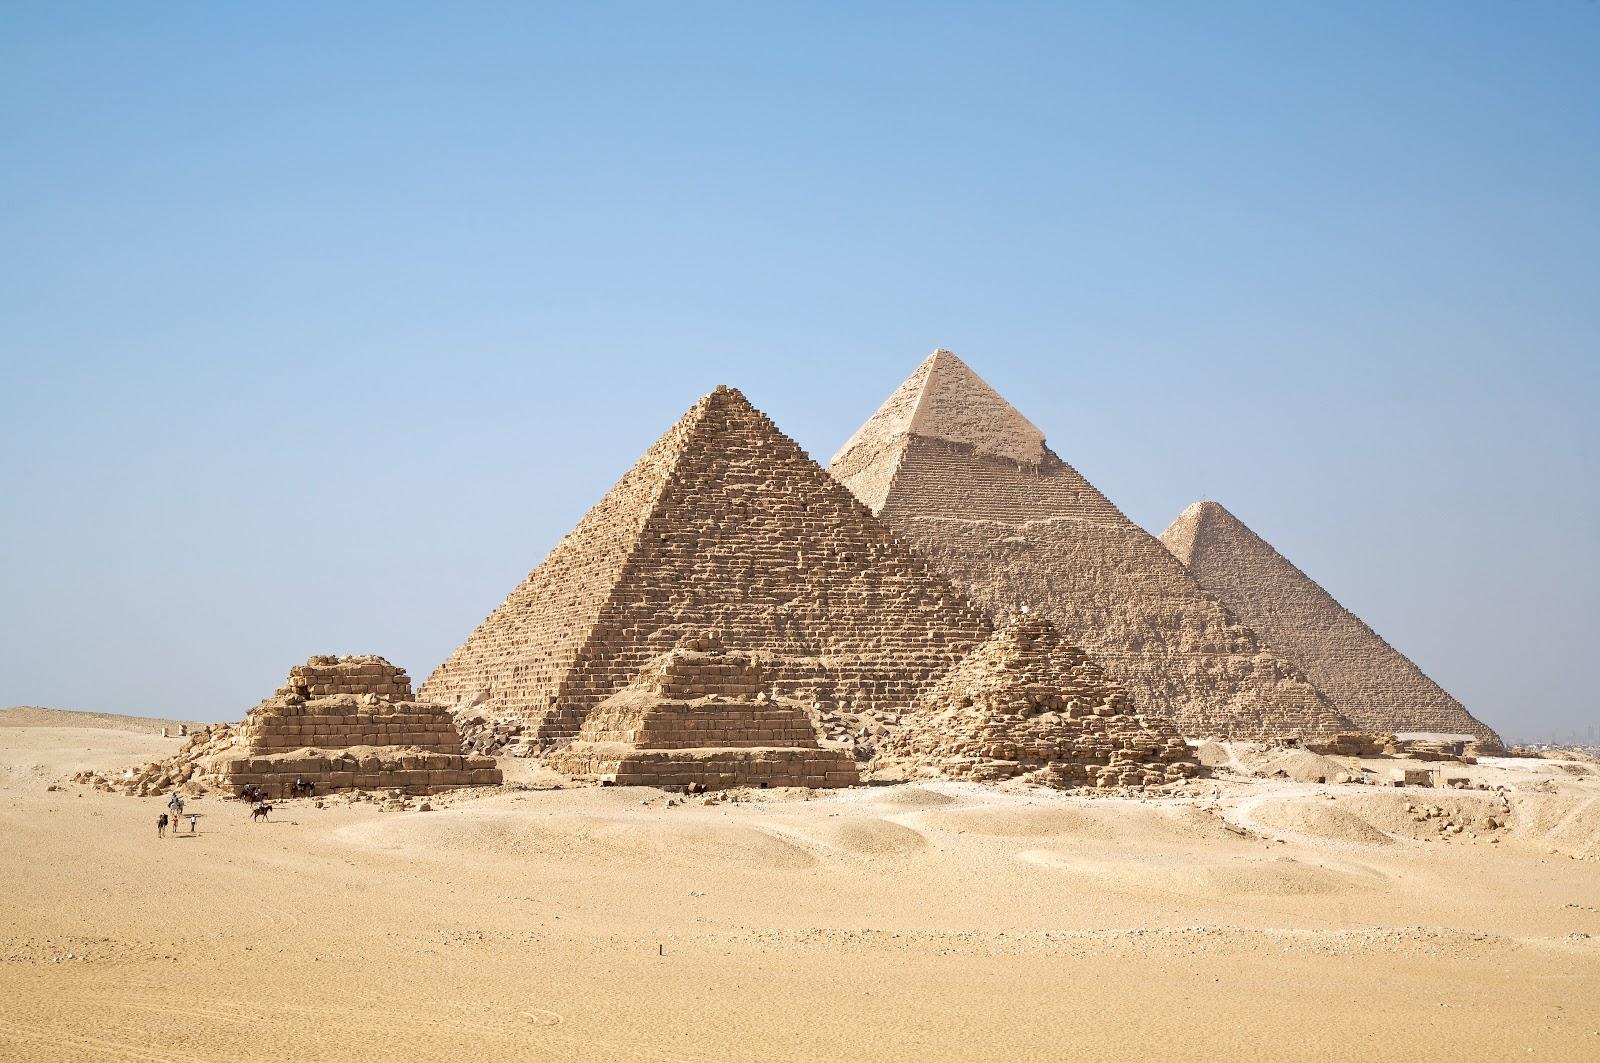 http://3.bp.blogspot.com/-bpUqgsR8z5g/UOMjIV2FAyI/AAAAAAAASQA/xkeSdpqPH-Q/s1600/piramides+egipto+(2).jpg